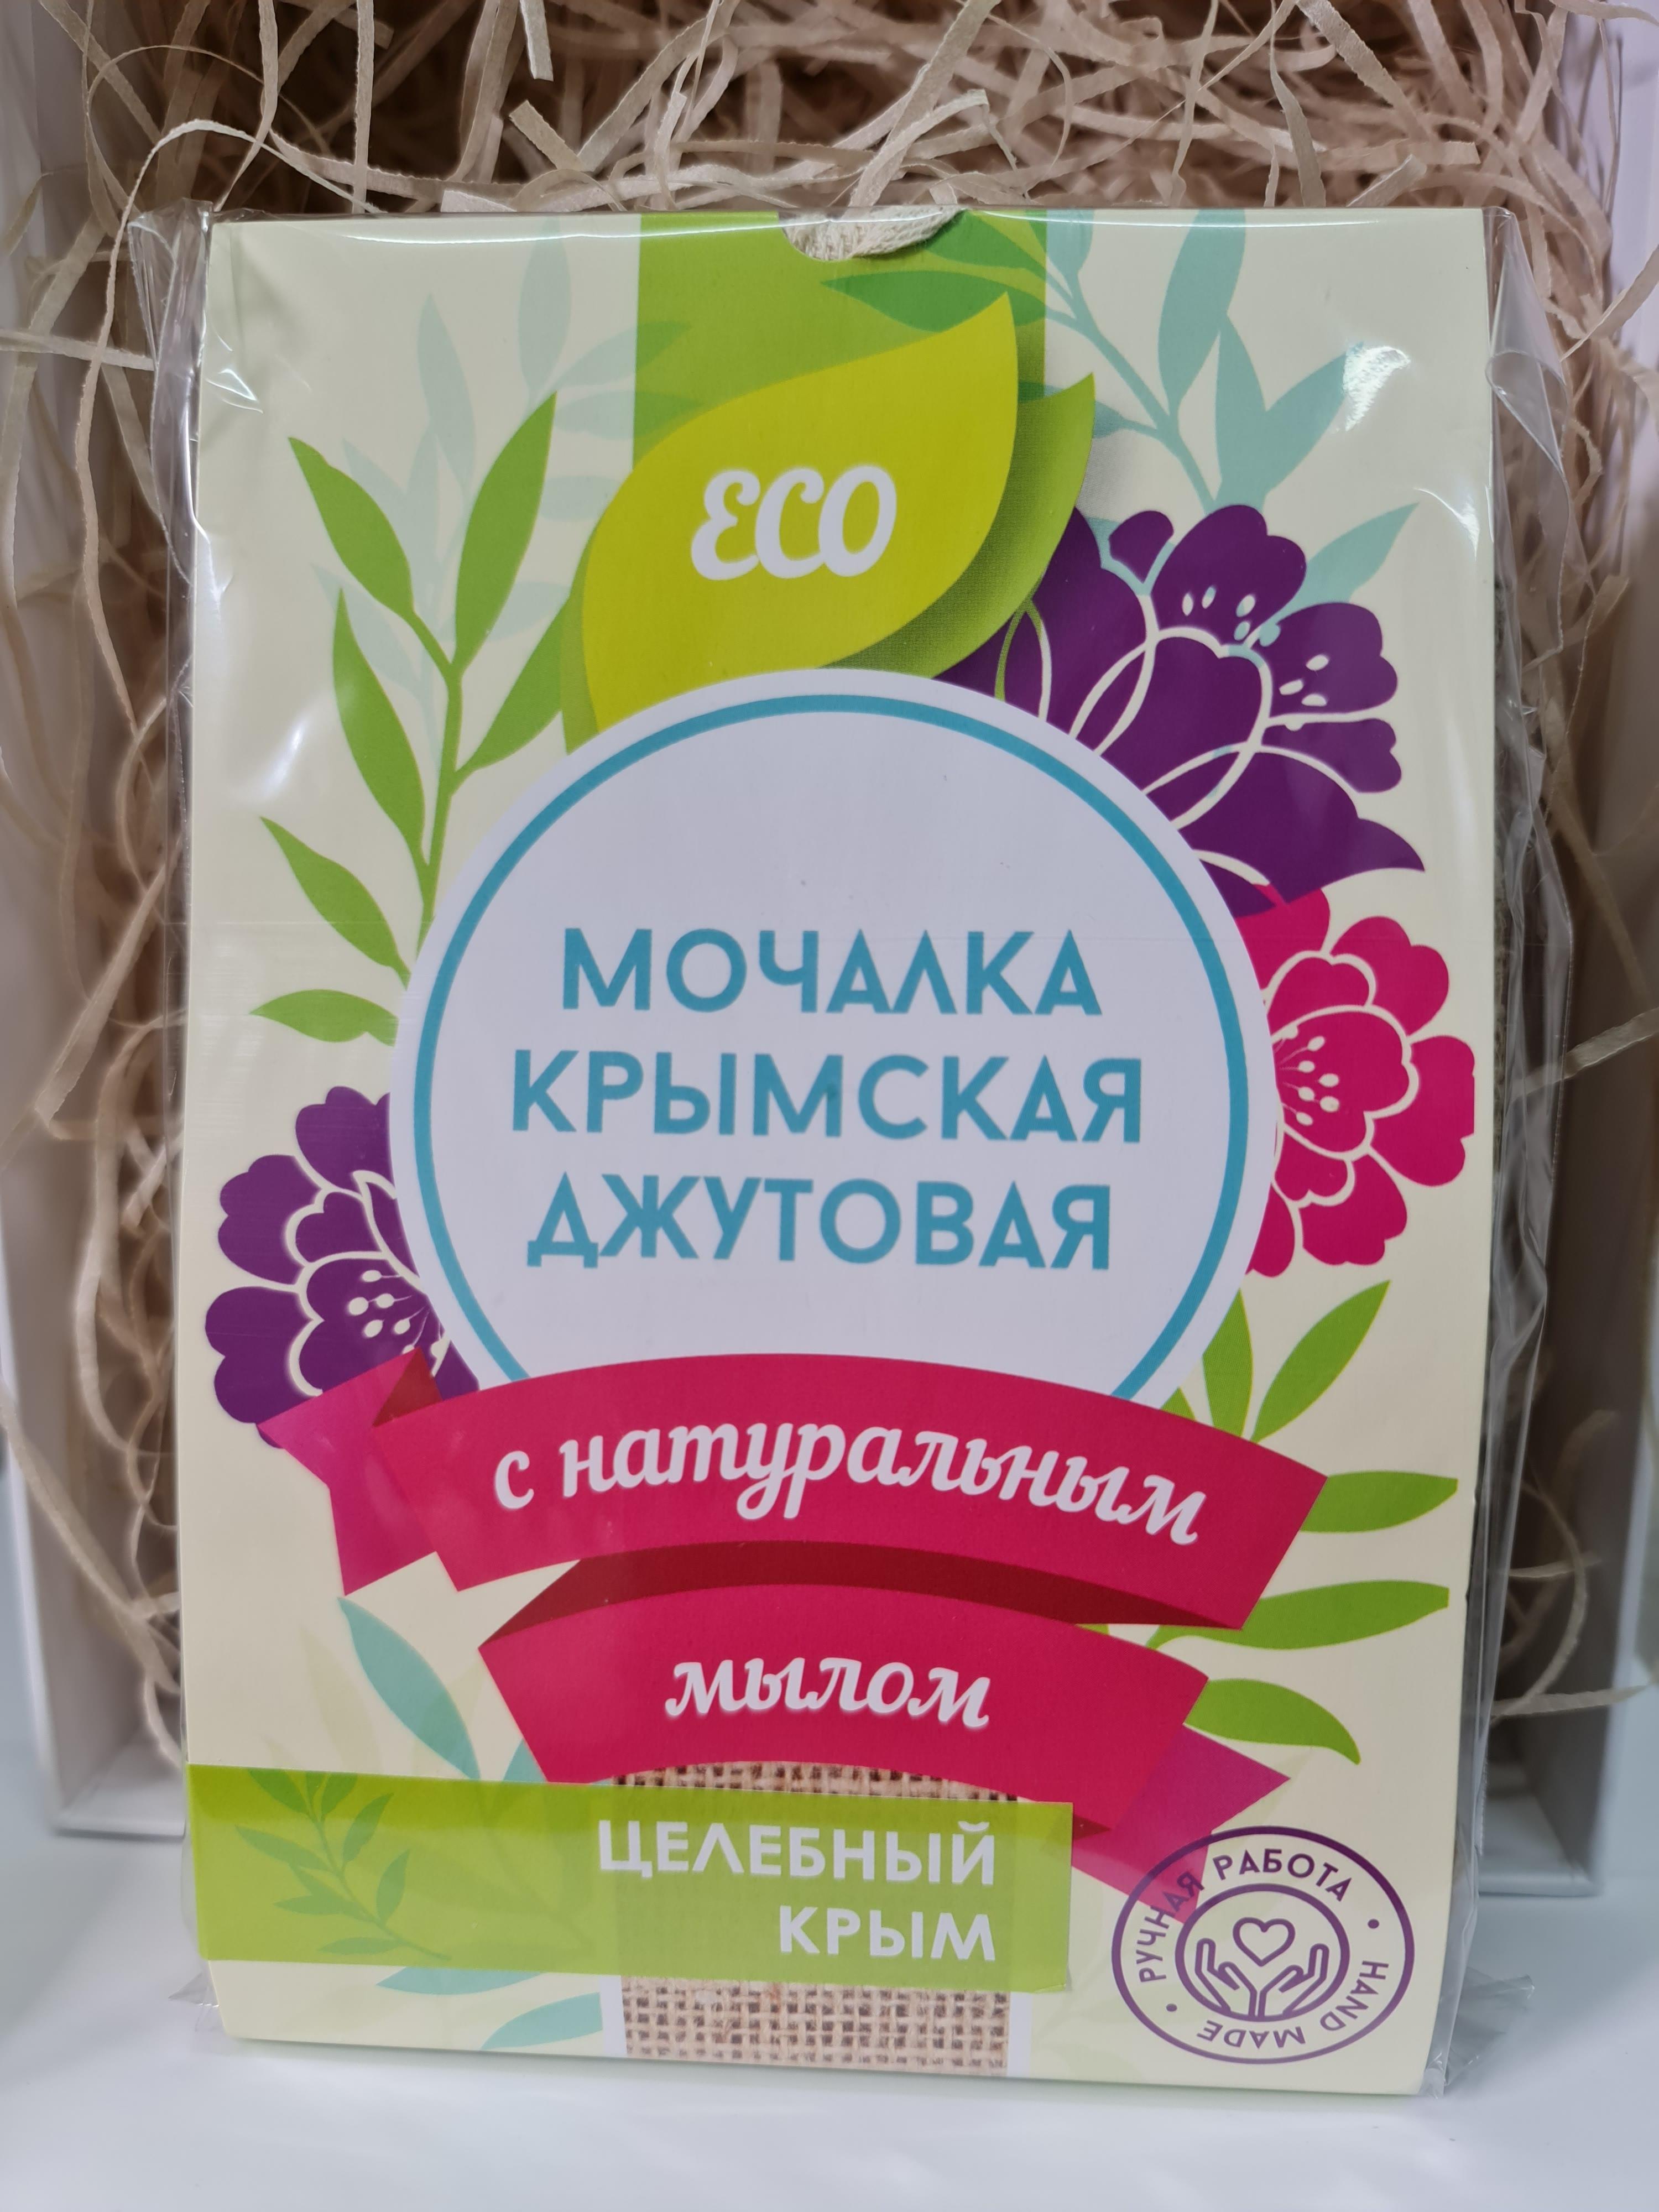 """Мочалка джутовая с мыльной стружкой """"Целебный Крым"""" 100 гр."""